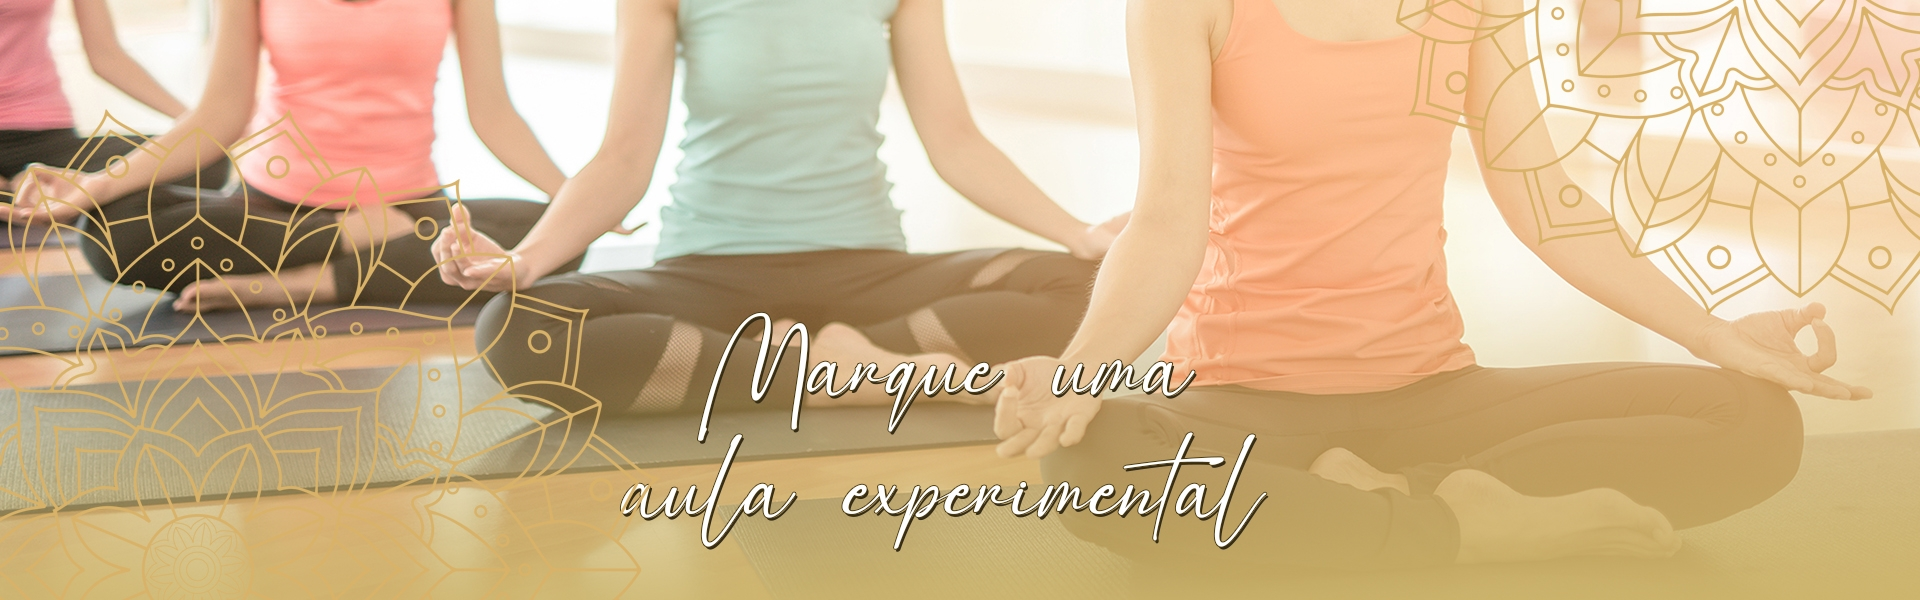 Espaço de Yoga em Mauá